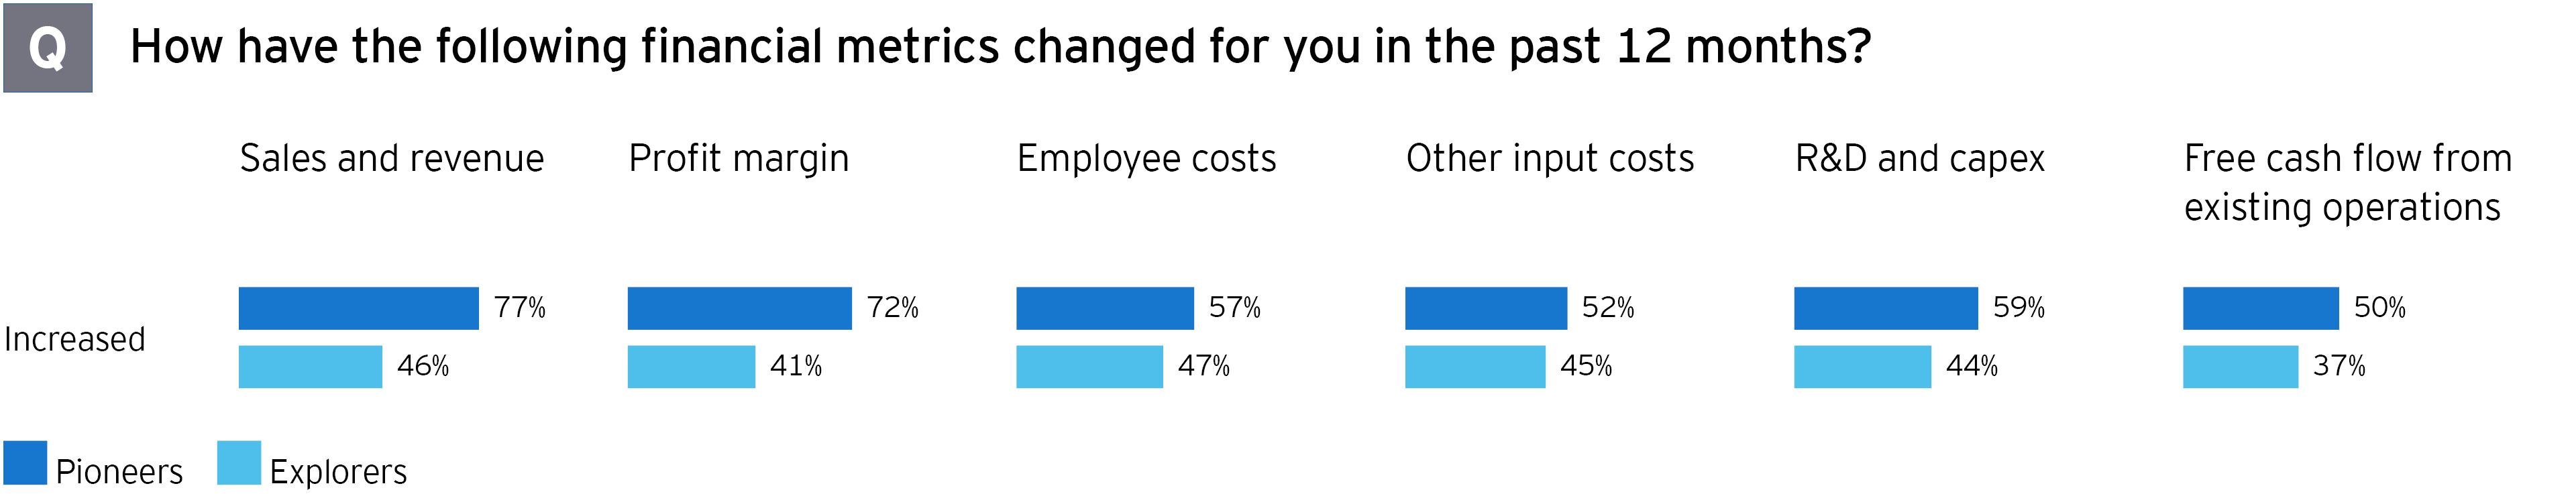 M&A survey financial metrics changes past 12 months graph